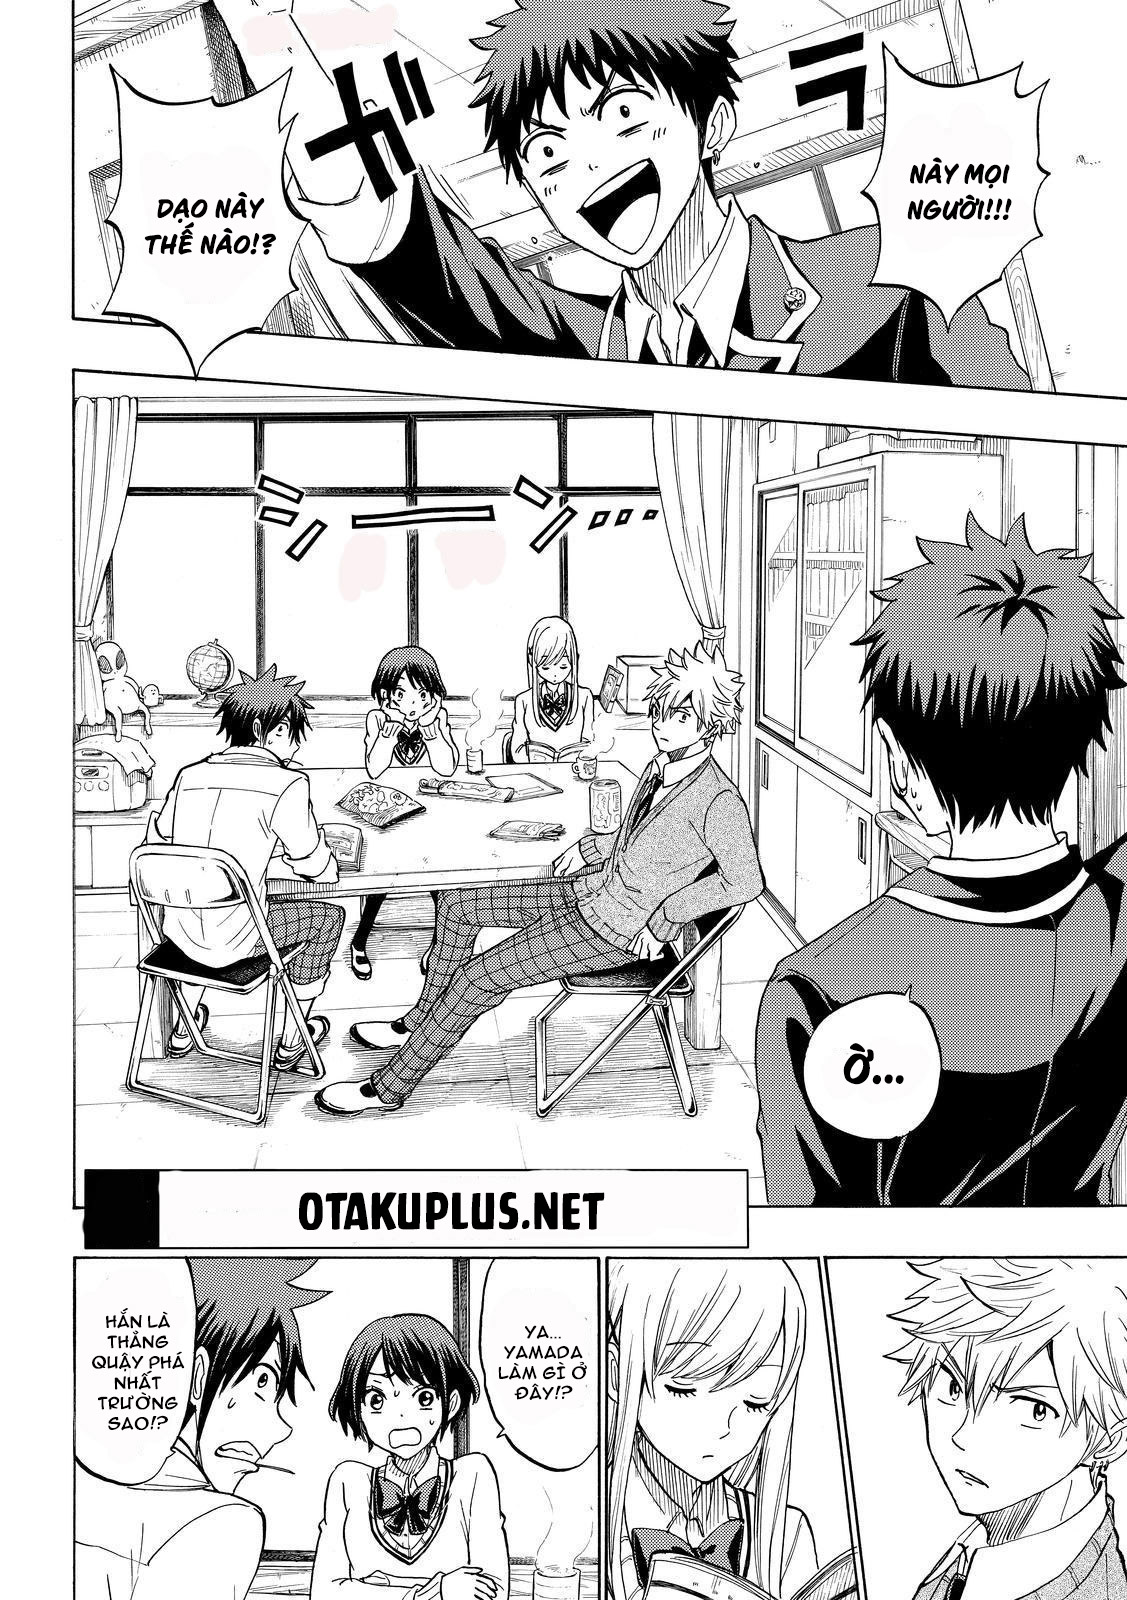 Yamada-kun to 7-nin no majo chap 173 Trang 4 - Mangak.info